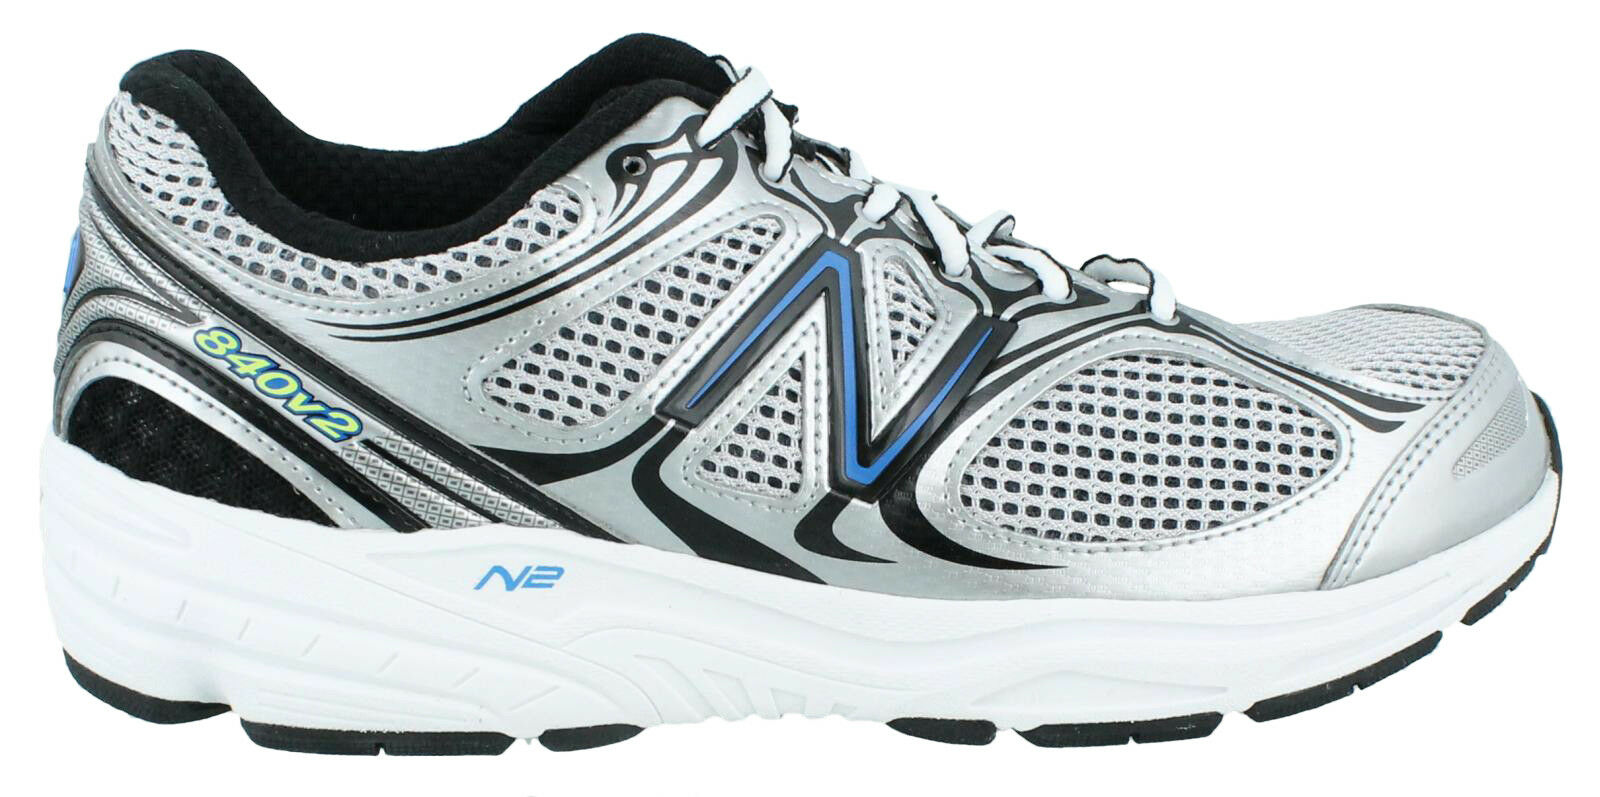 New Balance 840v2 840v2 840v2 Mens Running shoes befab0